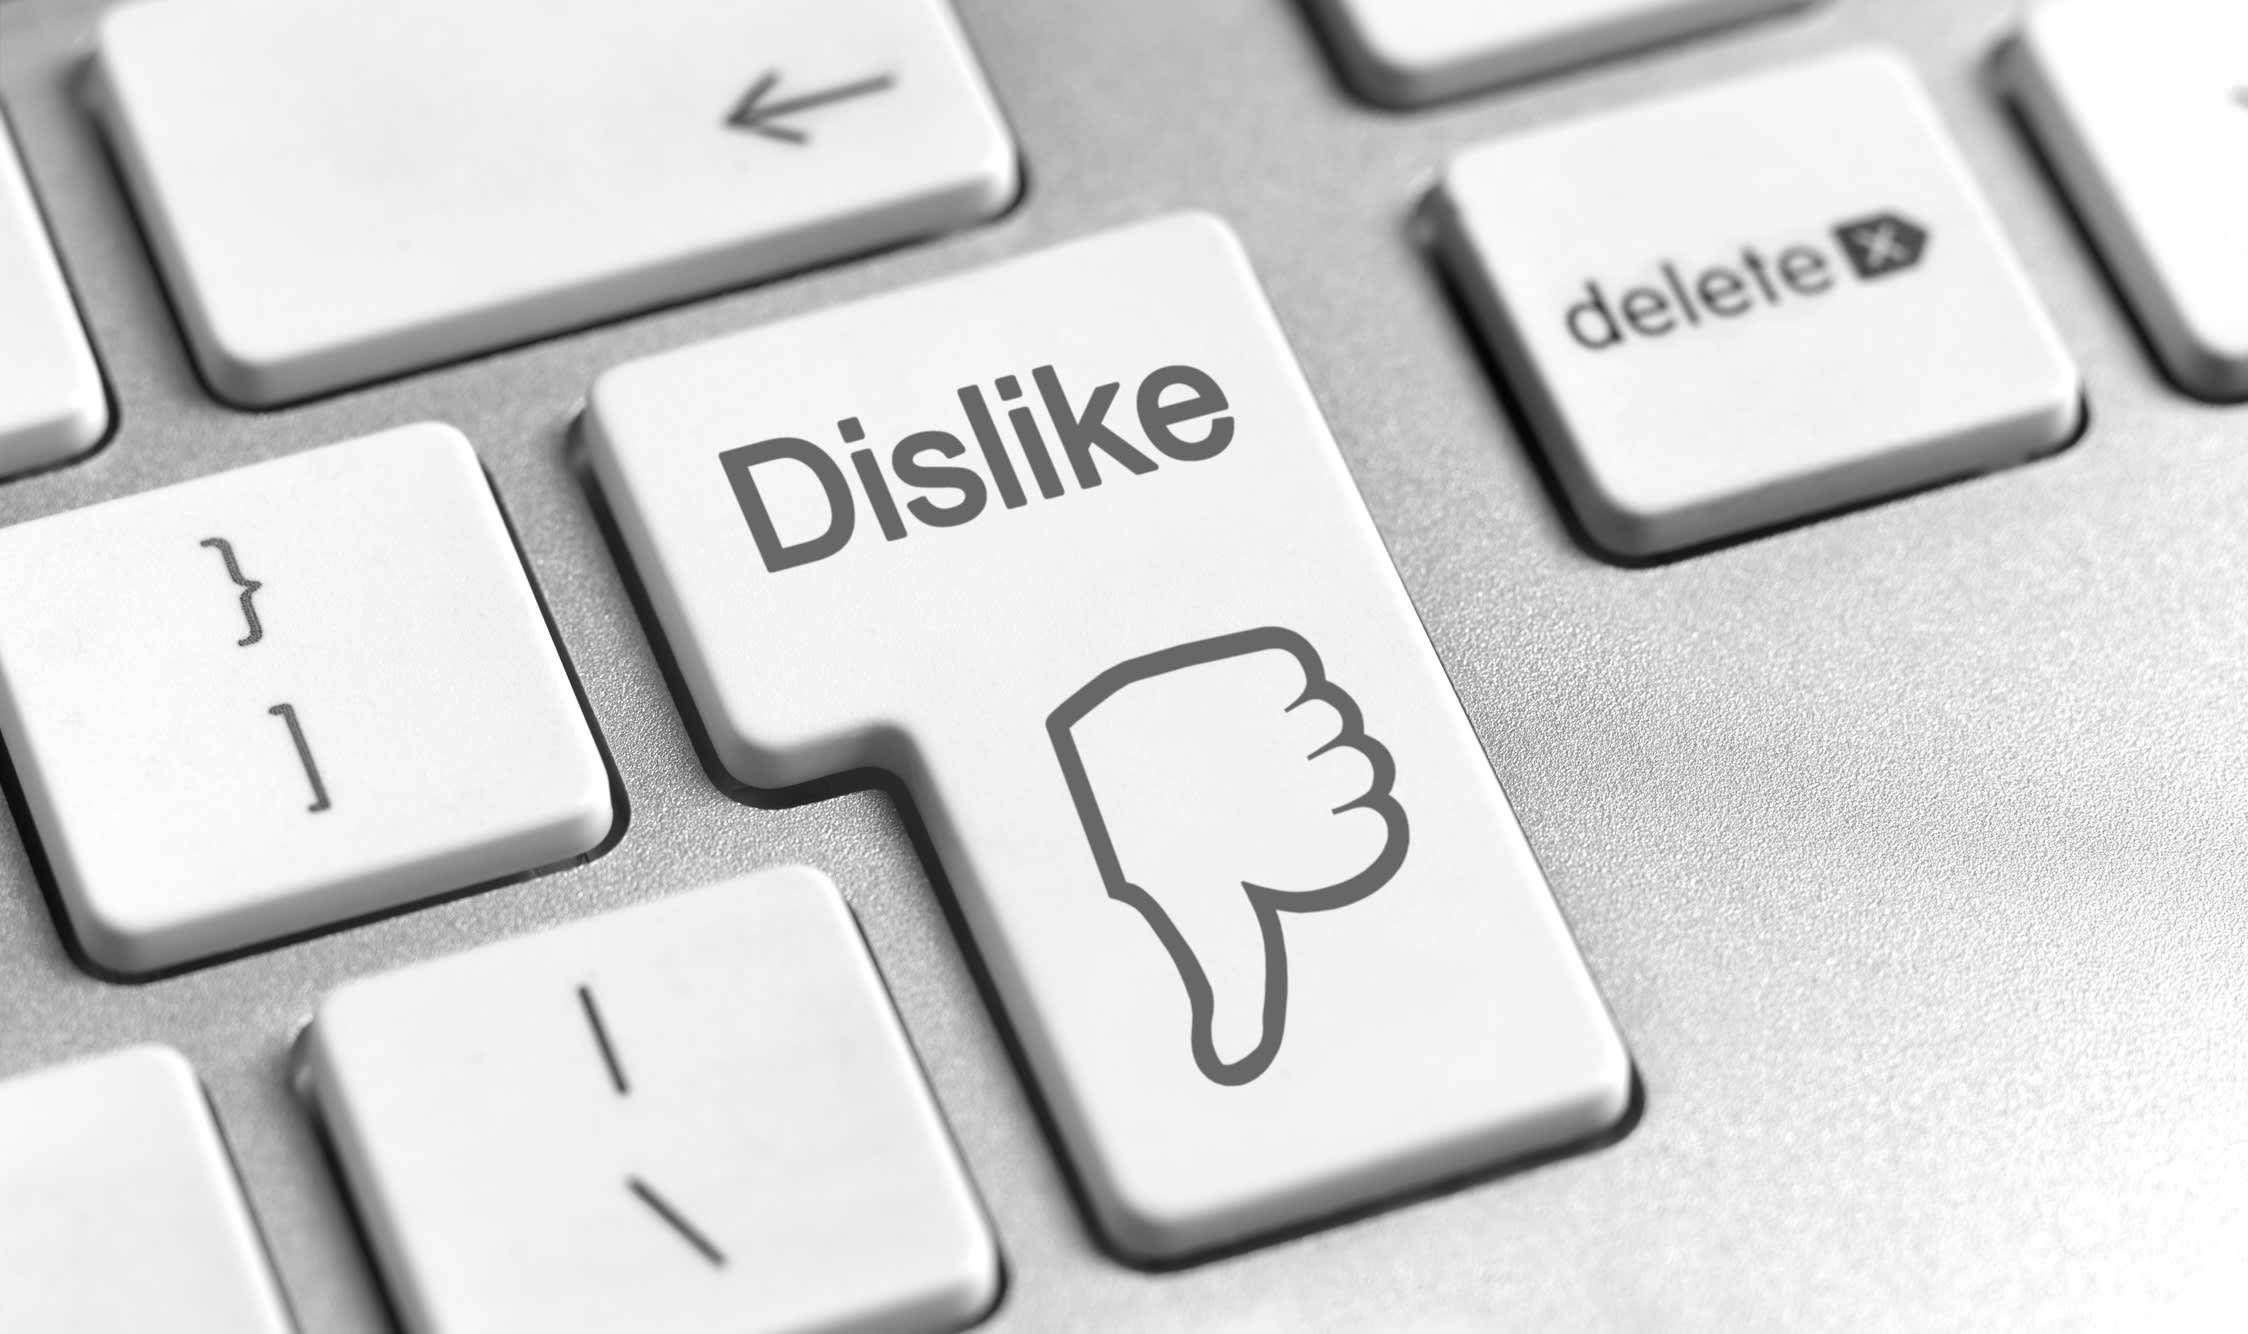 """A imagem mostra teclas de teclado de computador, e em uma dela lê-se """"Dislike"""". Na outra, lê-se """"delete""""."""